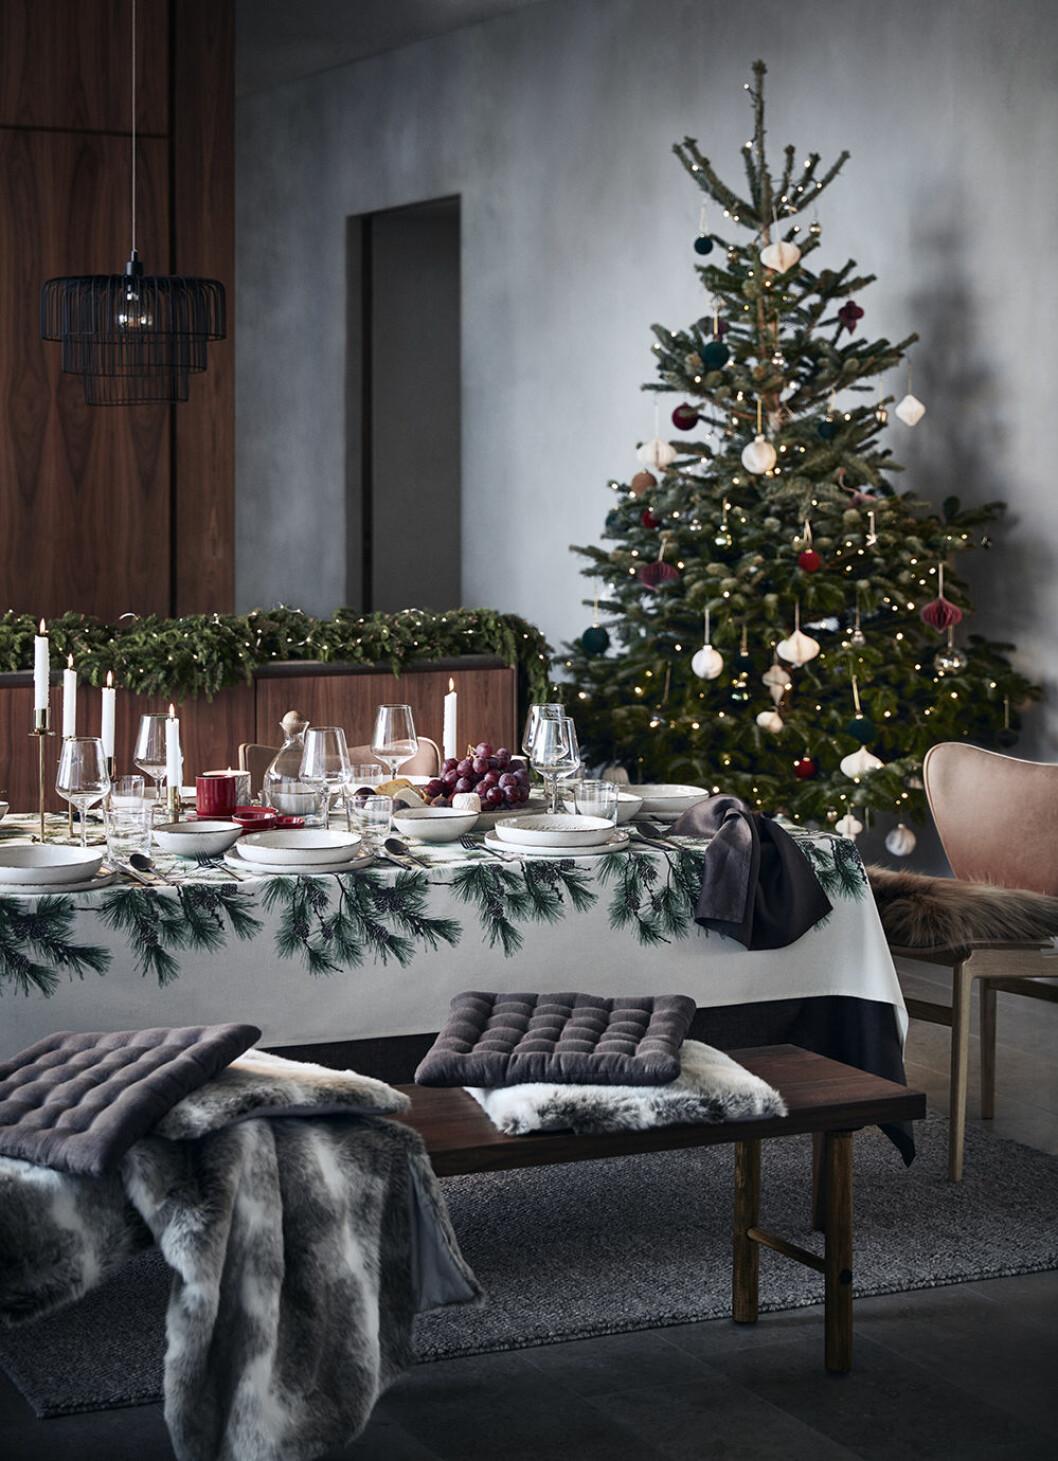 Dukat bord med julens dekorationer i grönt och vitt i rustik stil